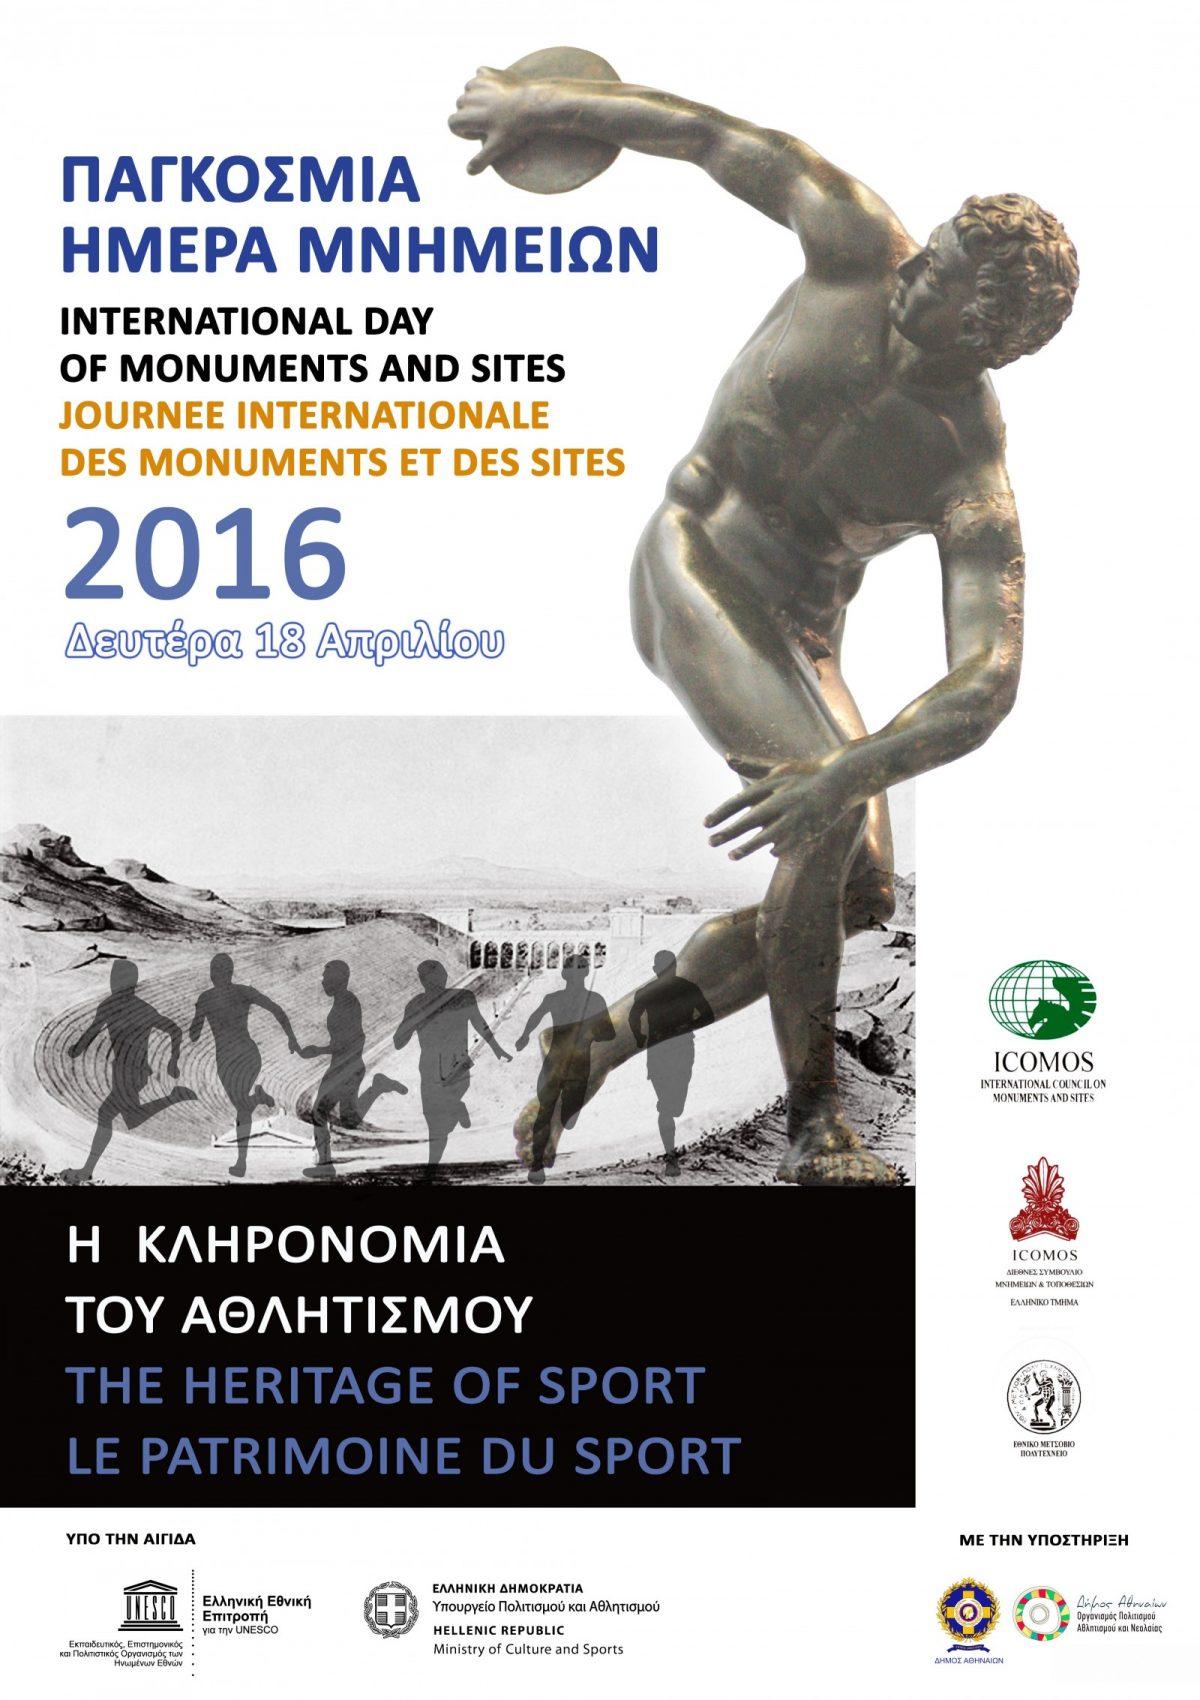 """Εκδήλωση – Δημόσια συζήτηση """"Ο Ρόλος του Αθλητισμού στη Σύγχρονη Κοινωνία"""", Δευτέρα 180416, ώρα 19:30"""